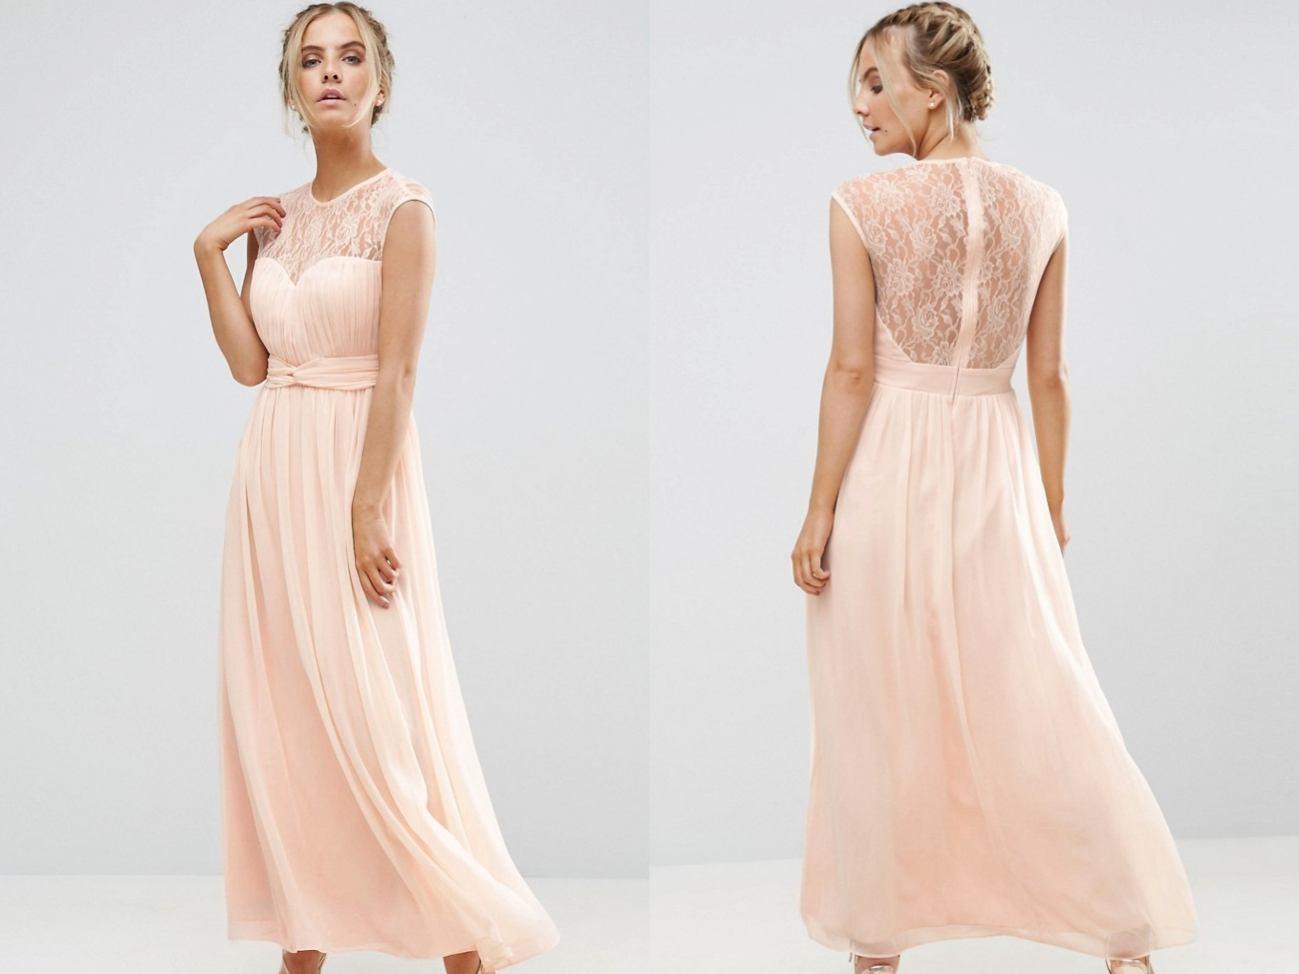 8a506b5fc4 LITTLE MISTRESS Nude Szyfonowa Sukienka Maxi S - 7099765837 ...